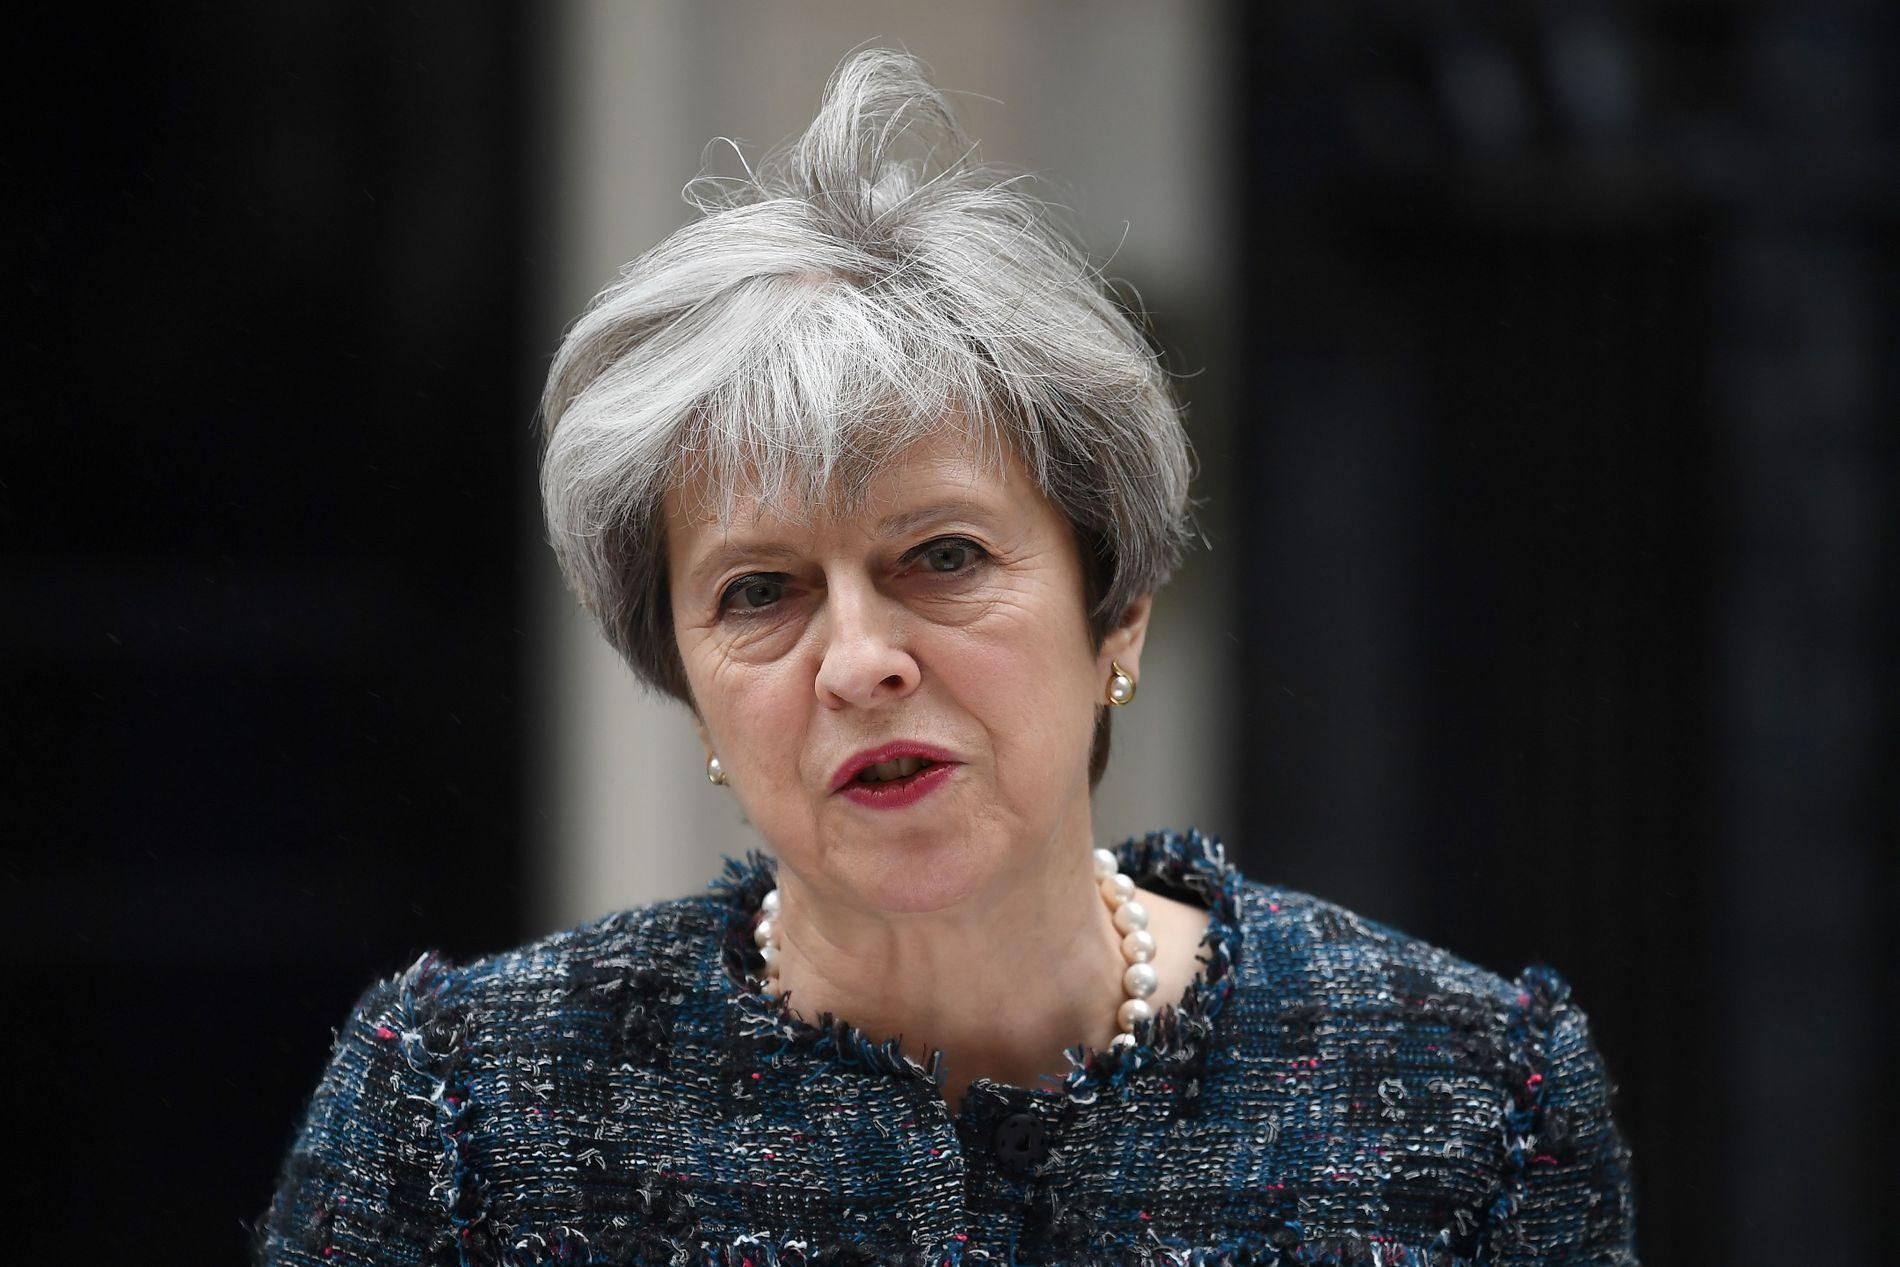 INTERNASJONALT ANGREP: Storbritannias statsminister Theresa May sier fredagens angrep mot flere britiske sykehus er en del av et større angrep.